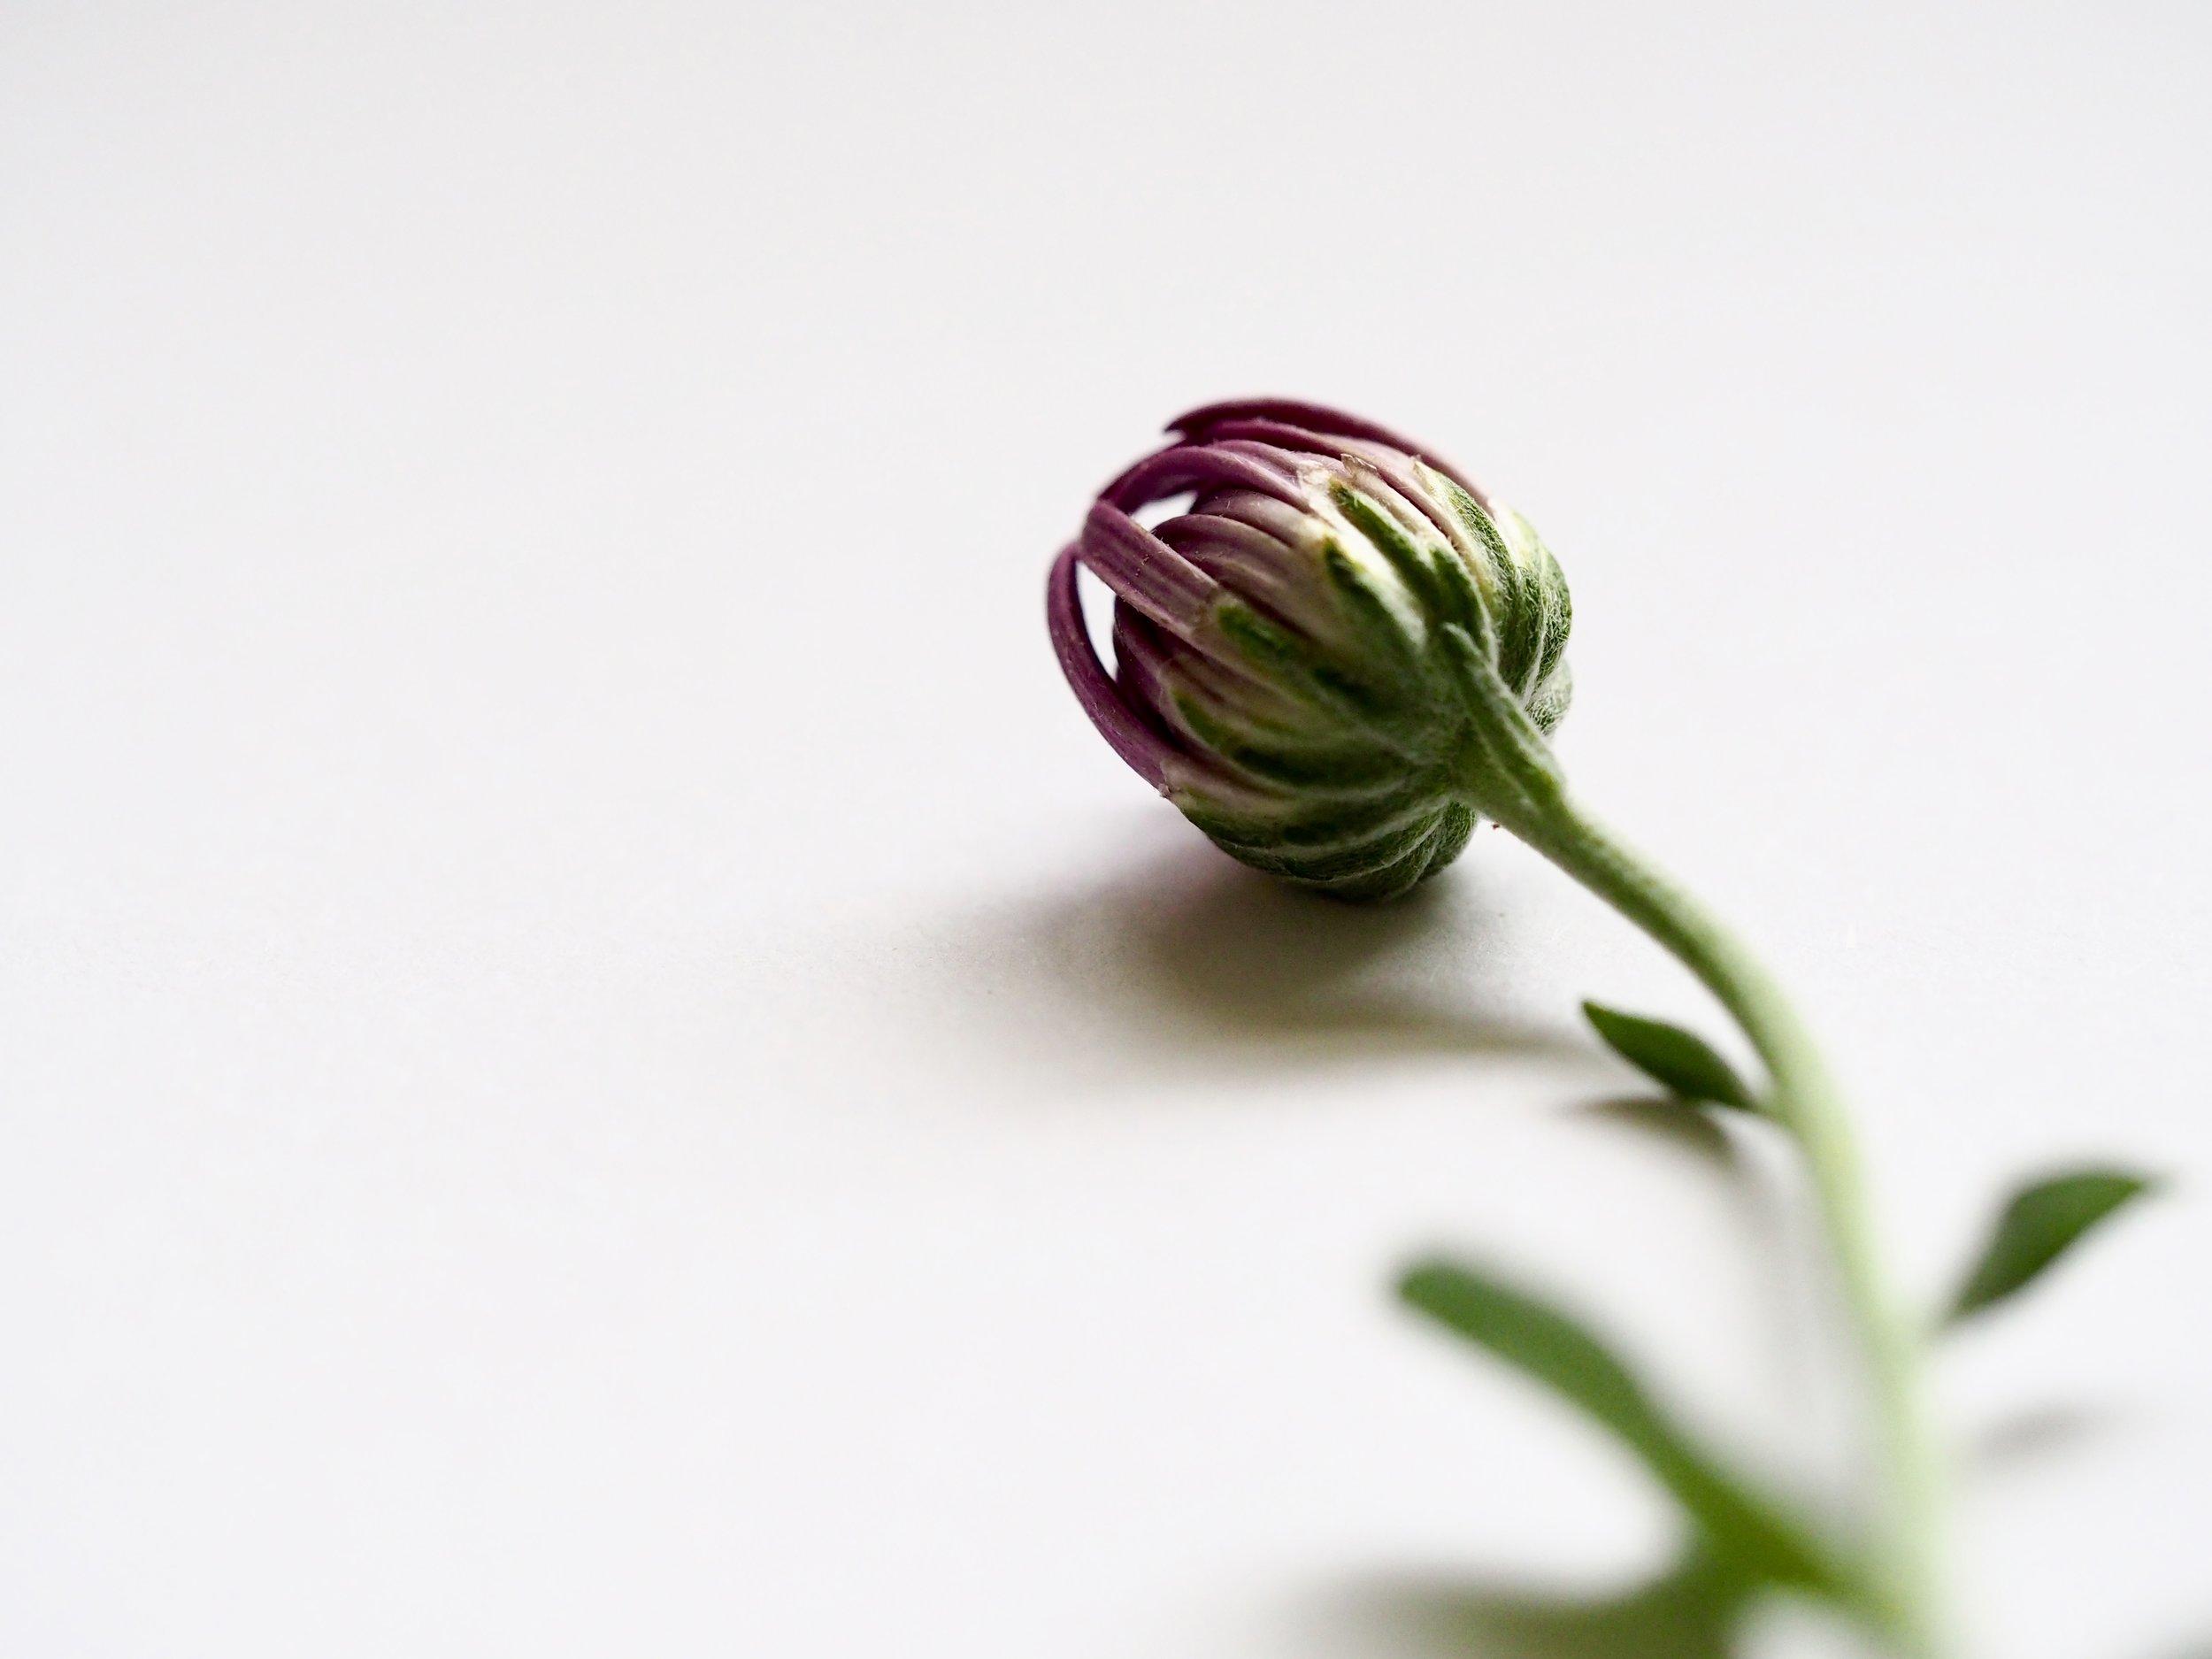 Image - closed flower bud